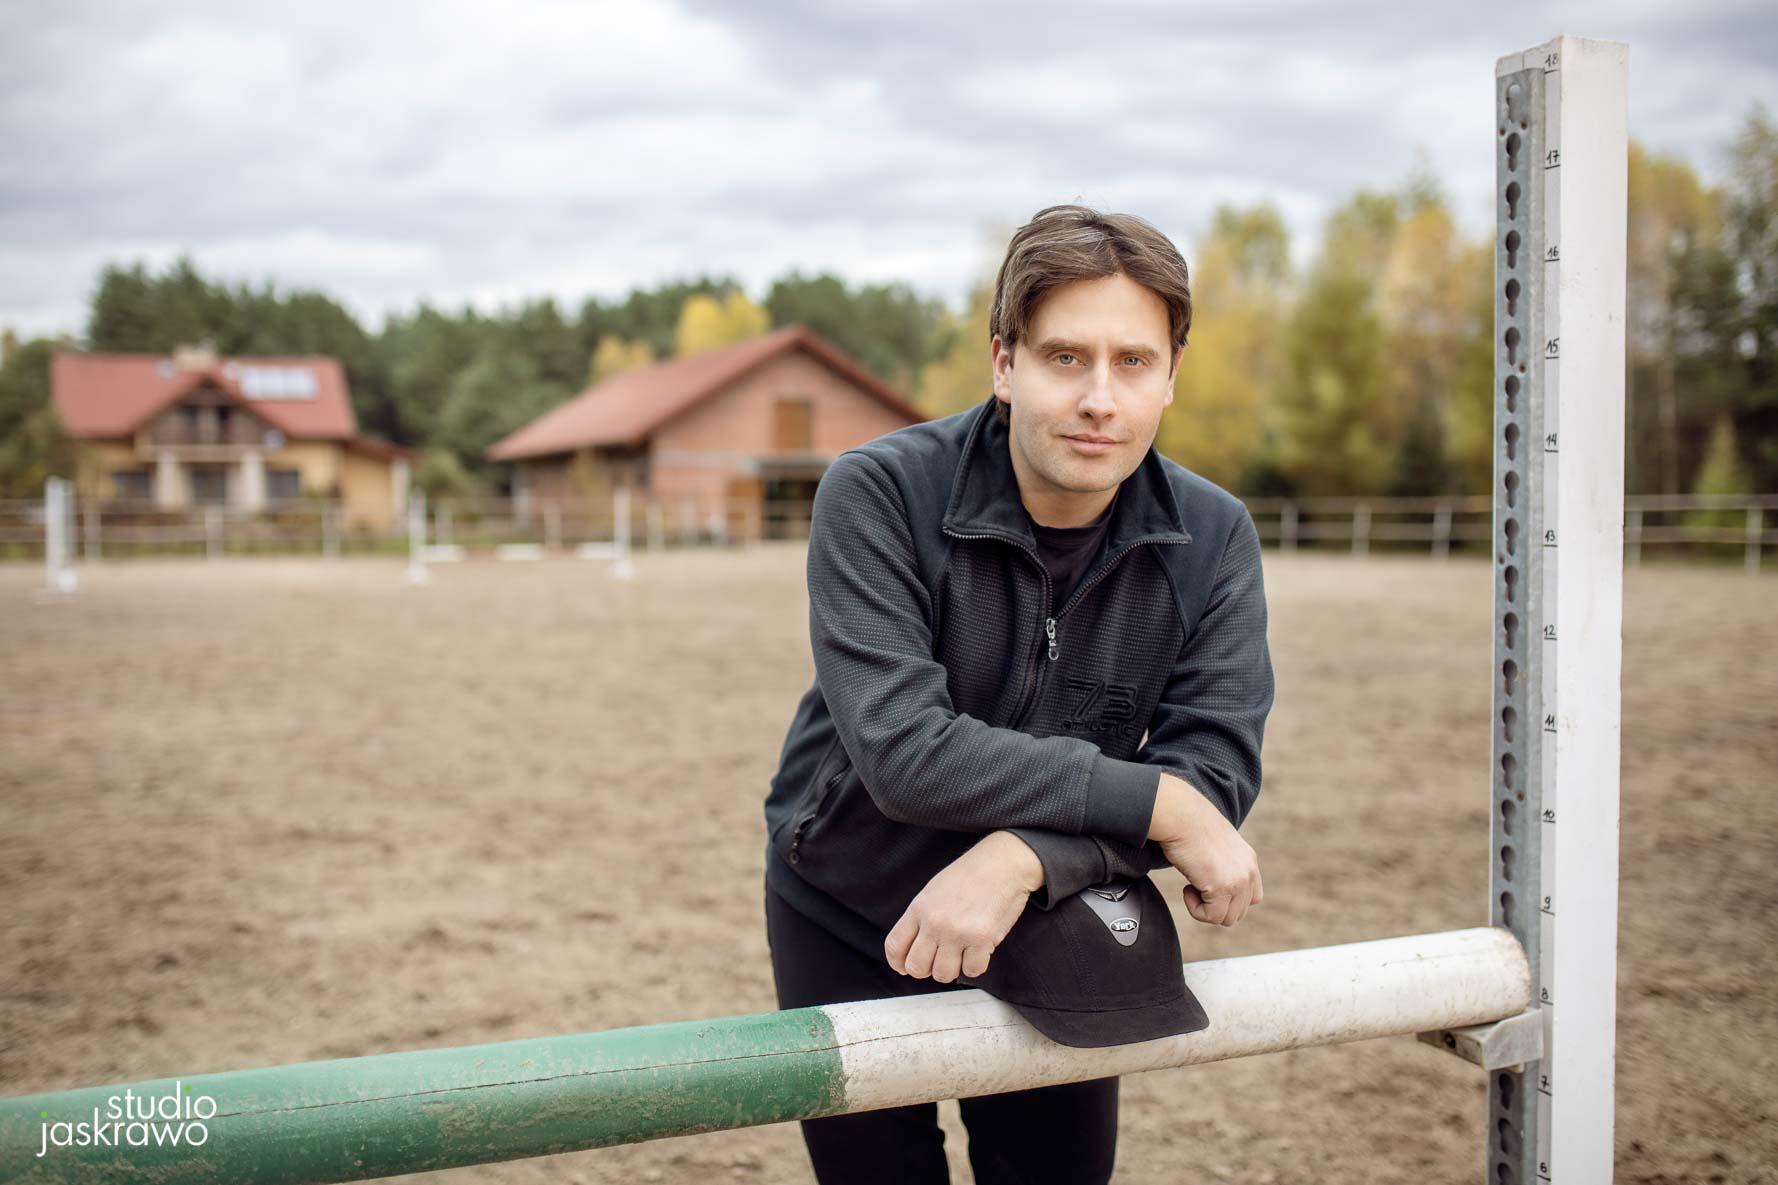 jeżdziec konny opiera się o przeszkodę do skoków dla koni